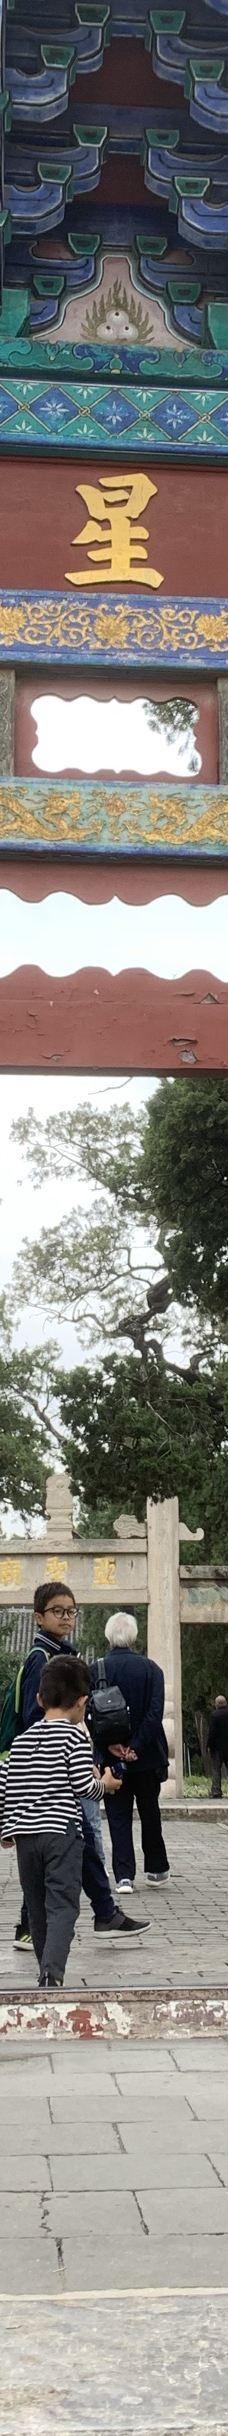 孟府孟庙景区-邹城